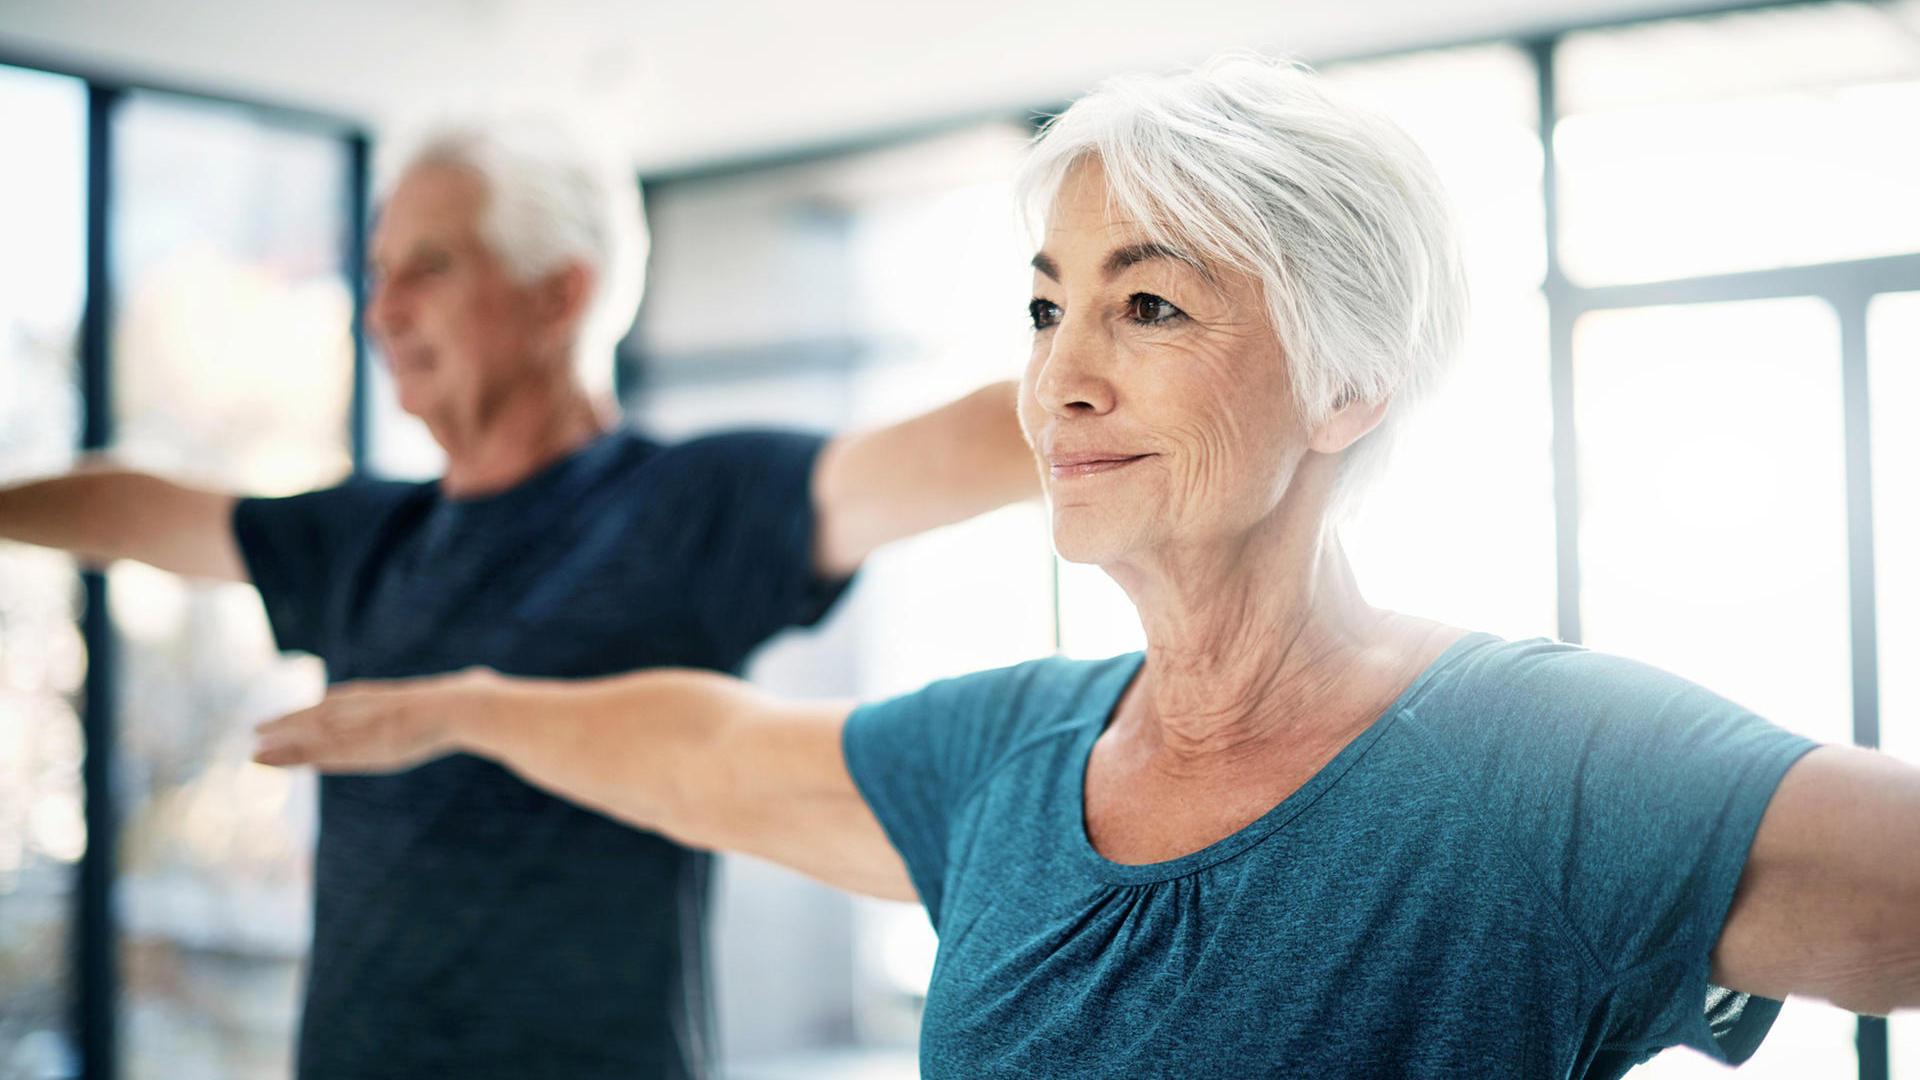 Mantenersi fisicamente e mentalmente attivi nella mezza età può essere legato a un minor rischio di sviluppare demenza decenni dopo,